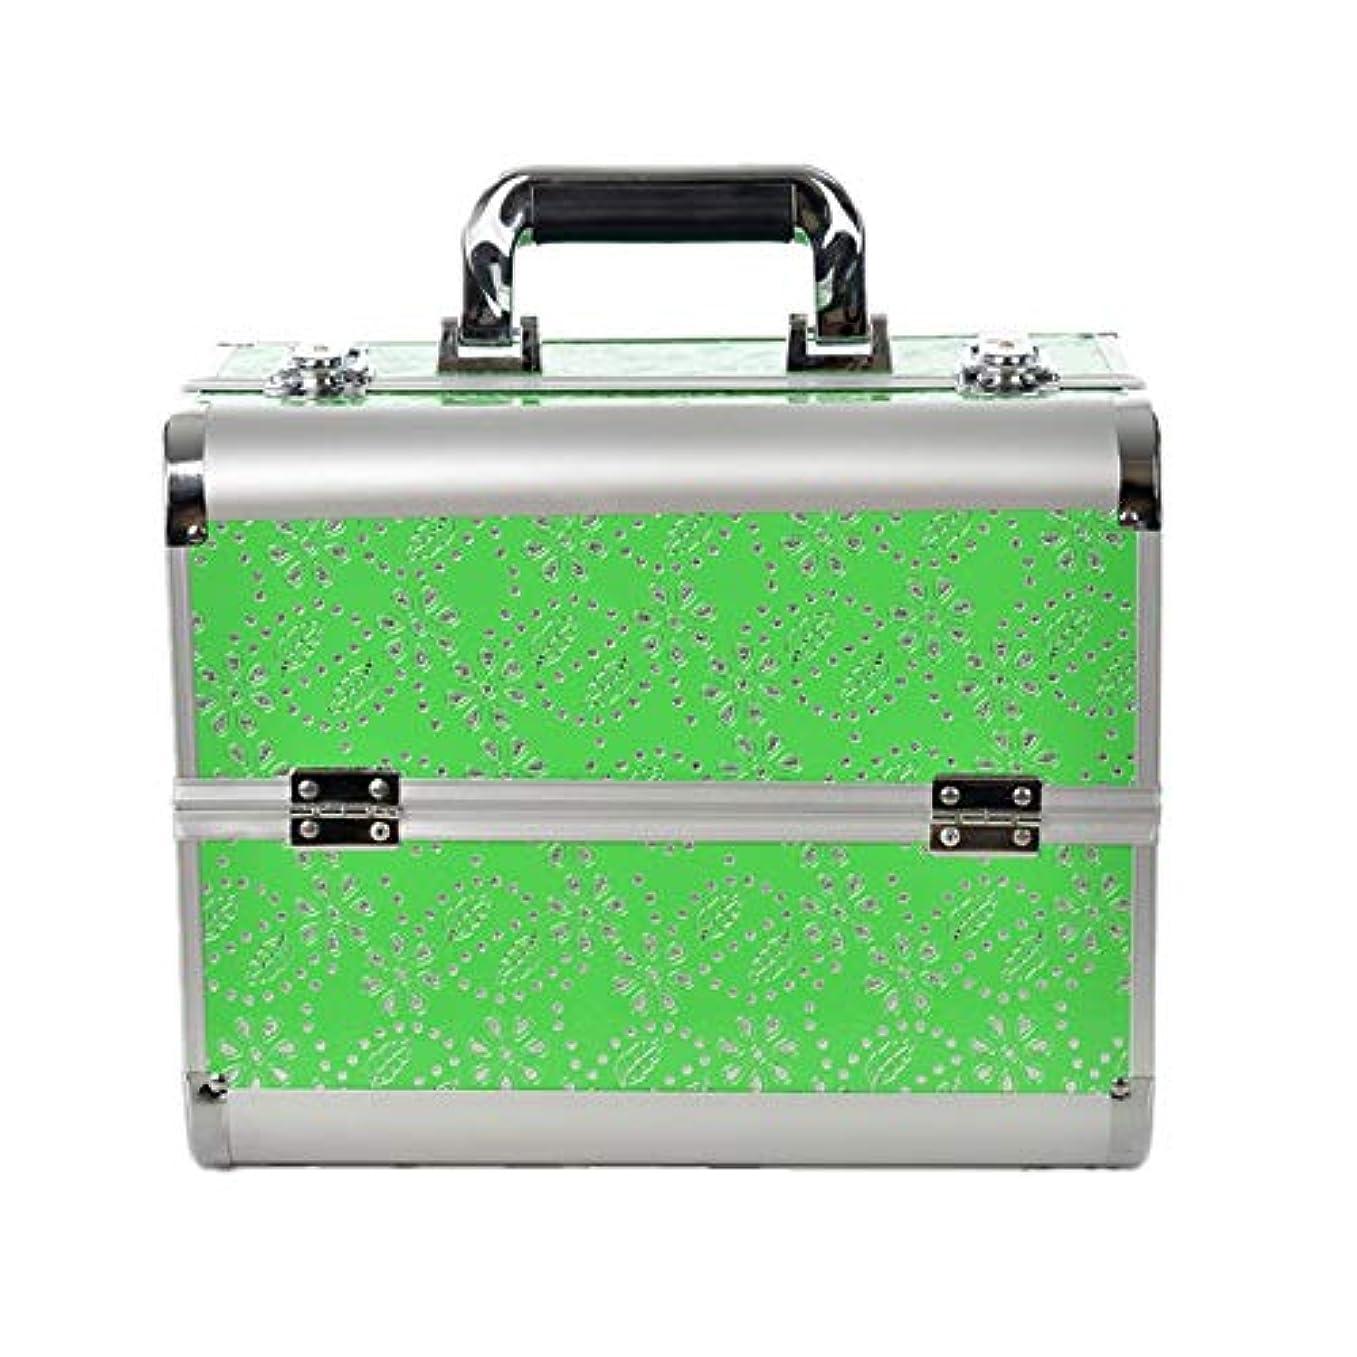 境界成果偉業化粧オーガナイザーバッグ 大容量ポータブル化粧ケース(トラベルアクセサリー用)シャンプーボディウォッシュパーソナルアイテム収納式 化粧品ケース